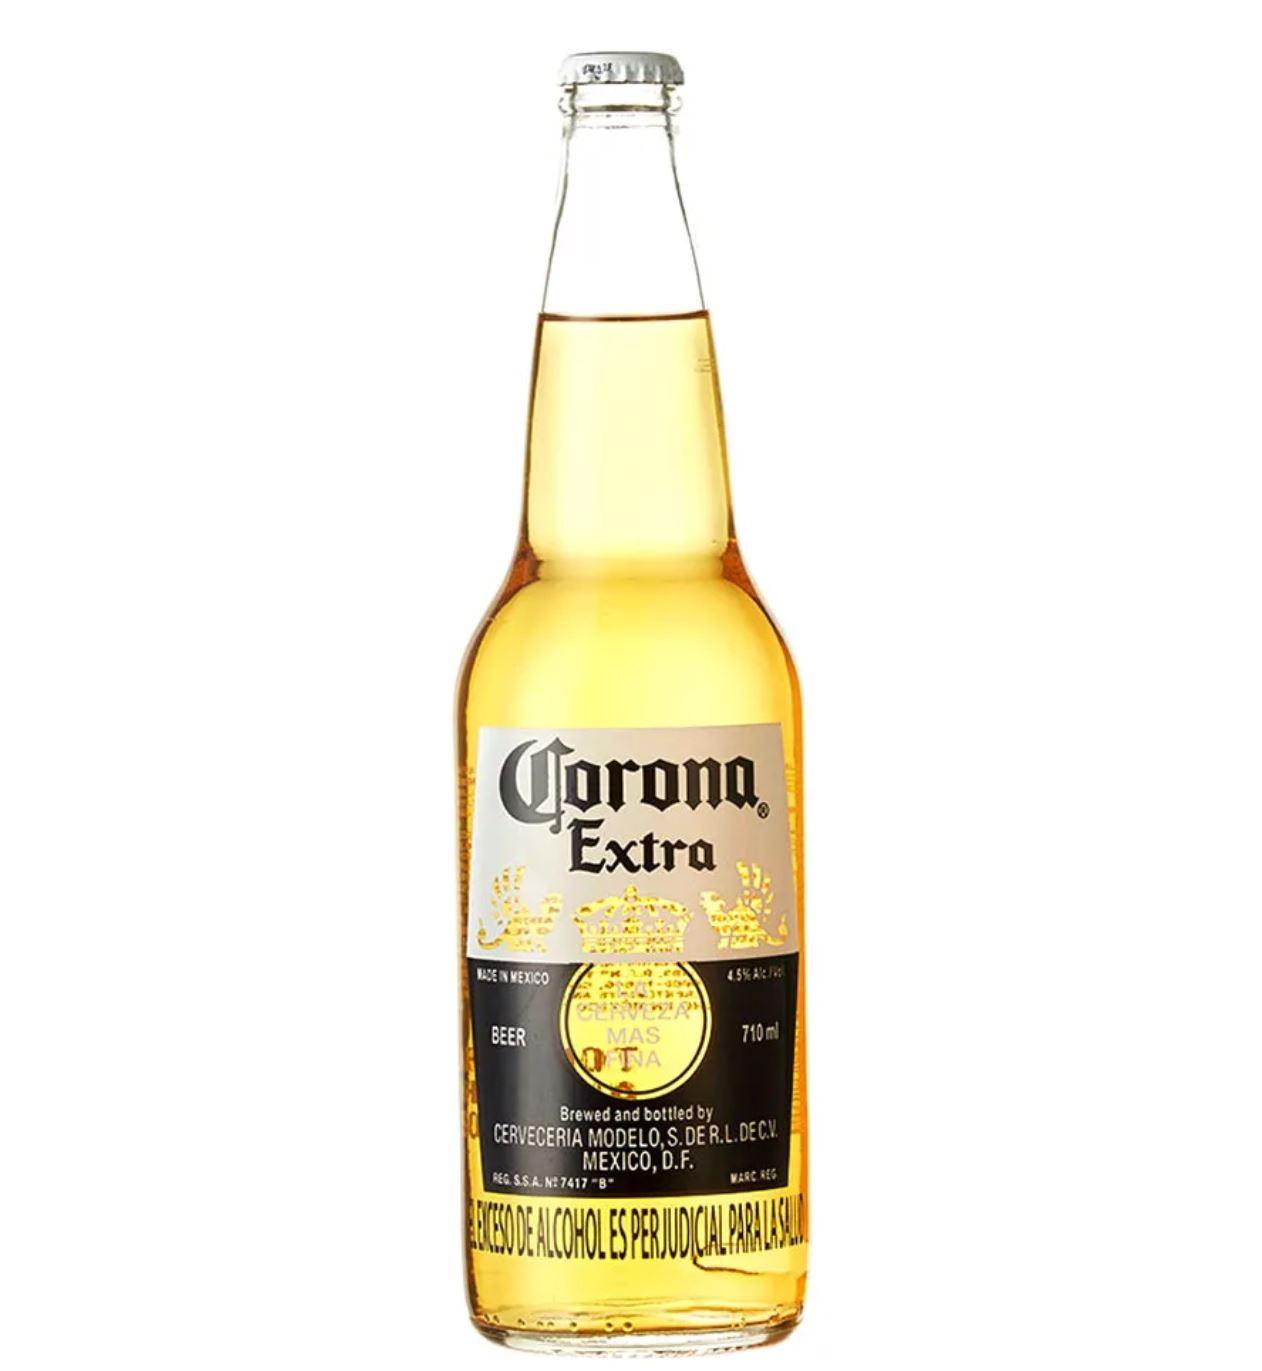 Cerveza Corona 710ml.